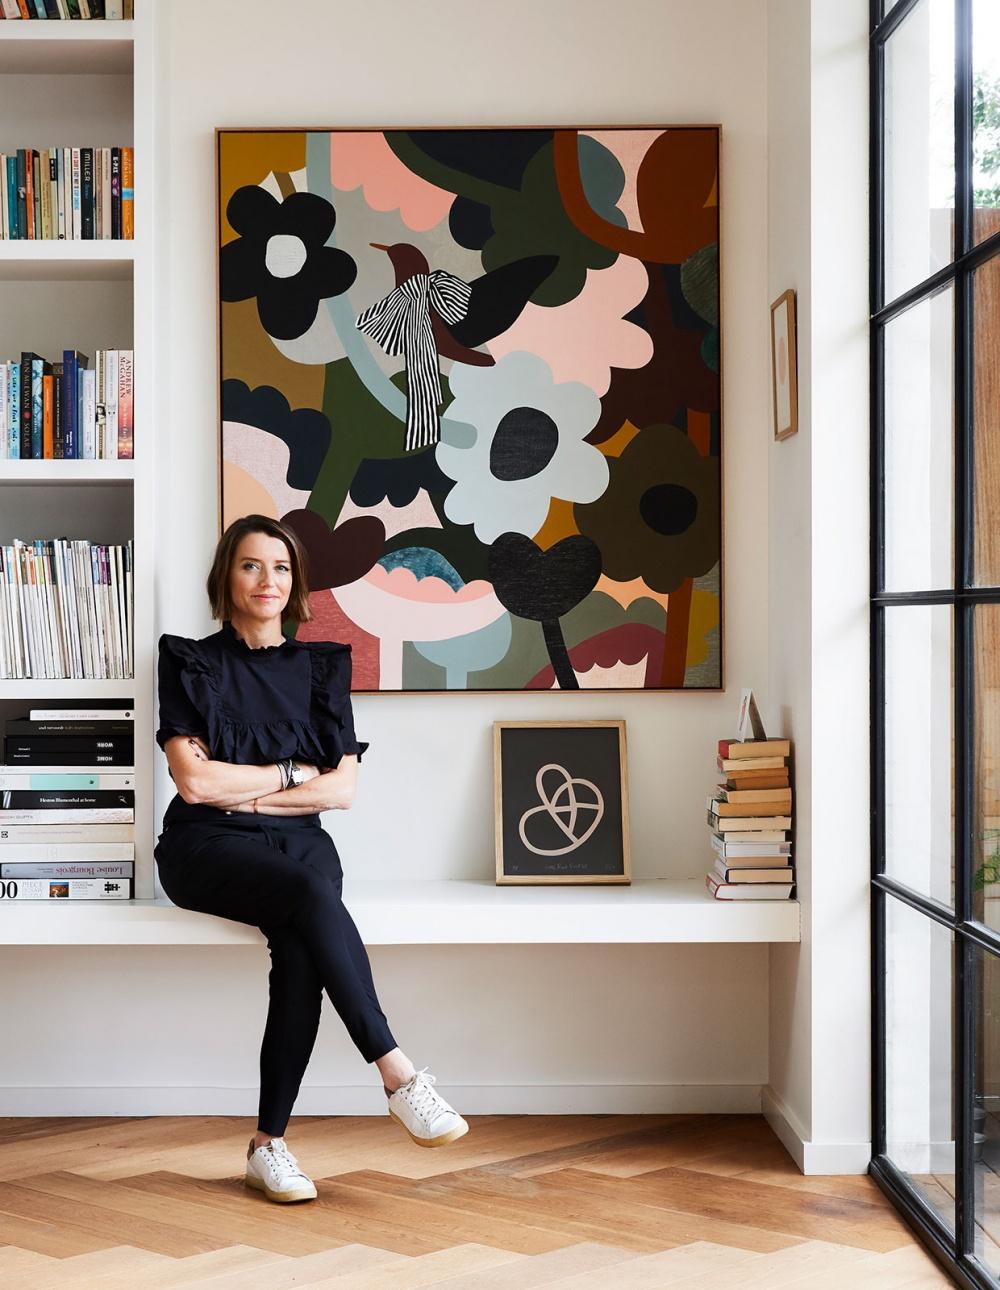 Rachel Castle la diseñadora australiana posando en la librería de su casa junto a una de sus obras